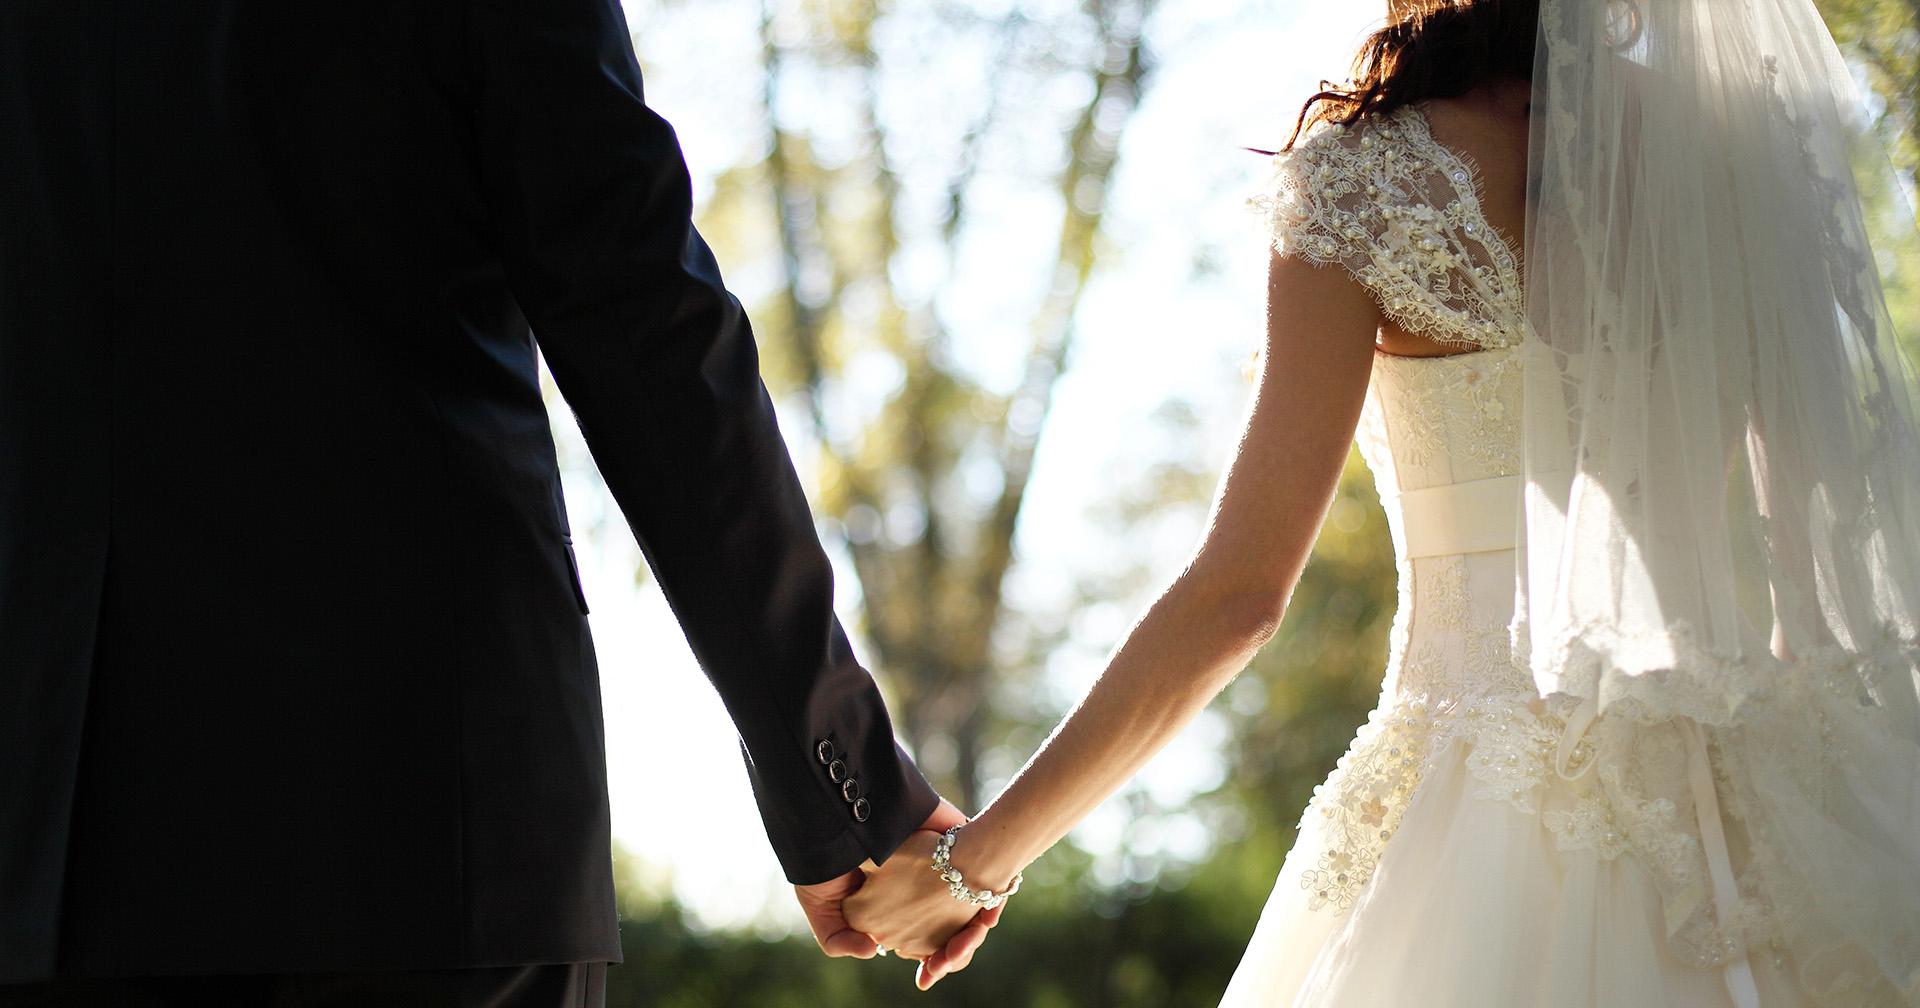 weddings_in_croatia_wedding_design_luxury_decoraton_wedding_planner_antropoti_luxury_weddings9-8